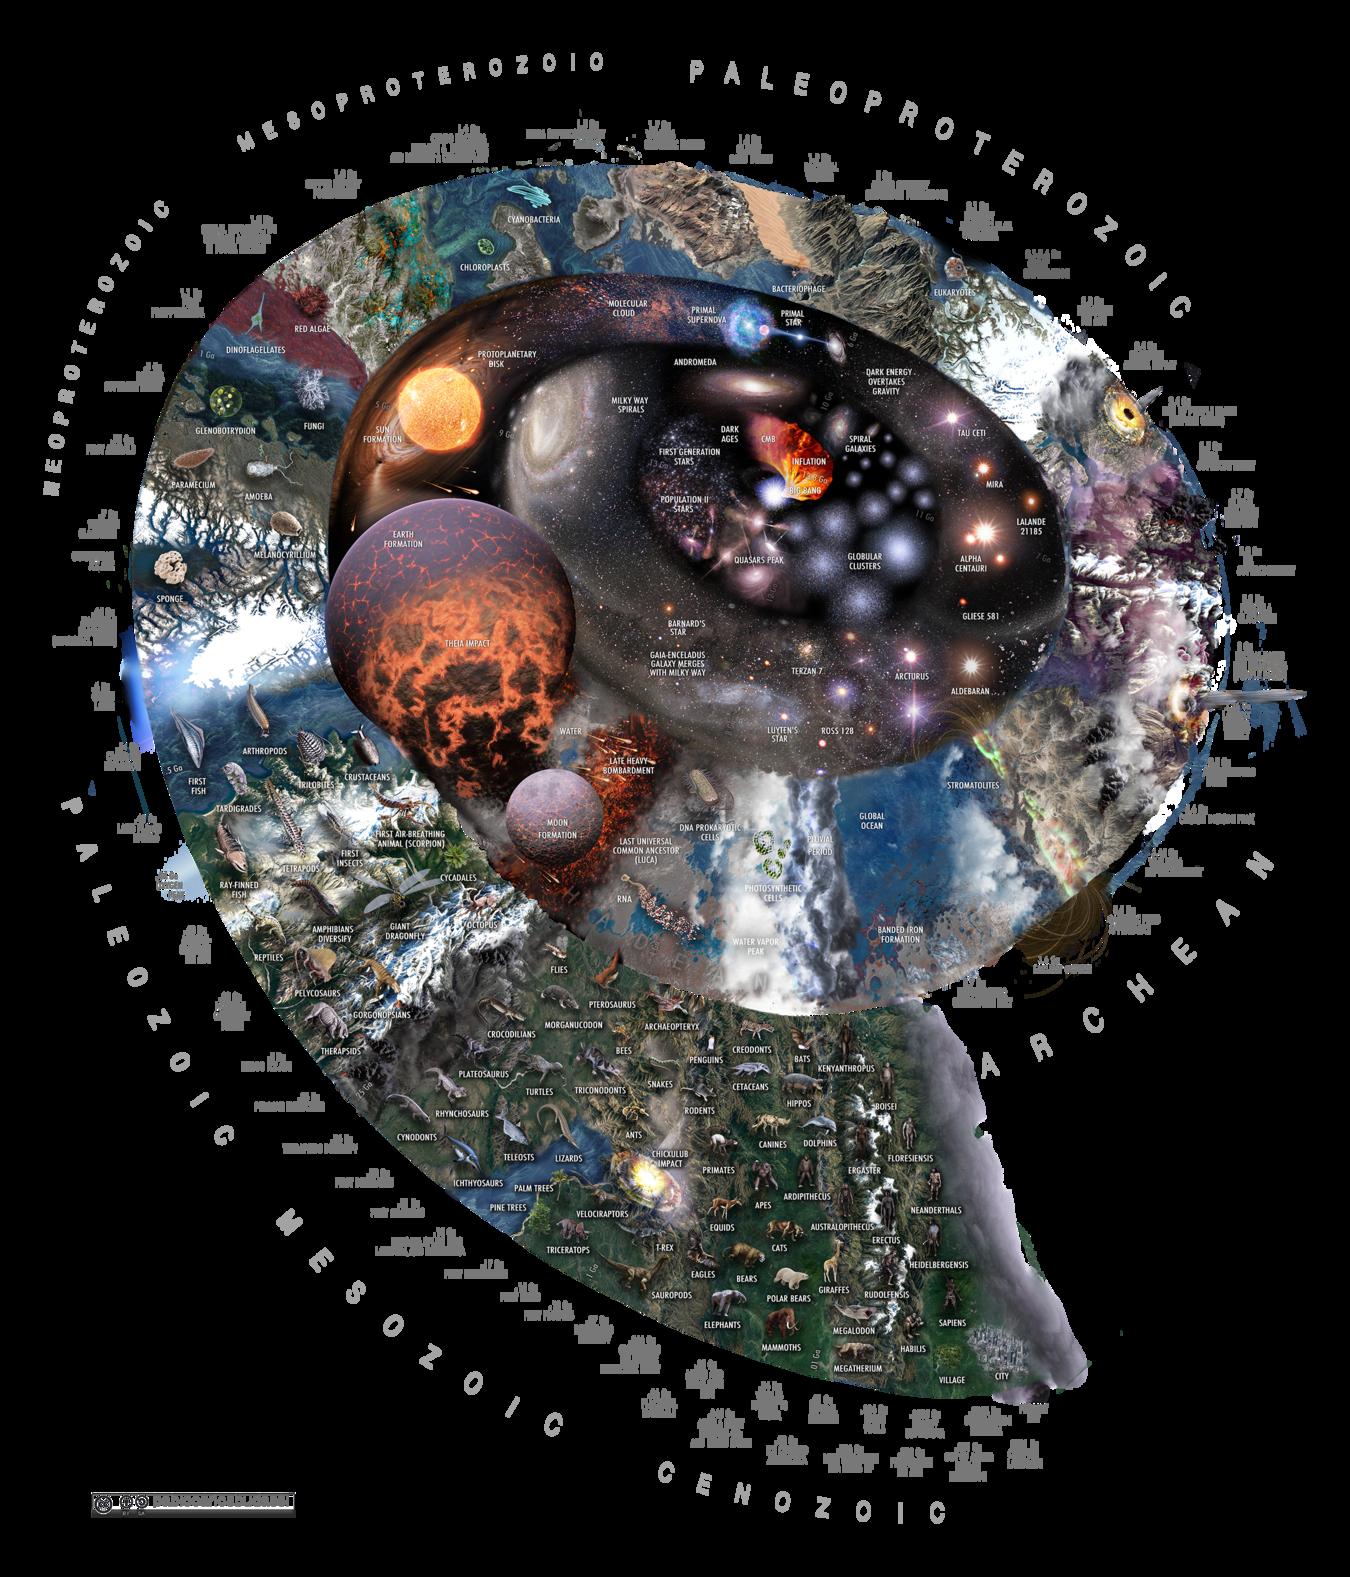 Formazione del sistema solare dopo l'accrescimento di gas e polvere in un disco protoplanetario.  La stragrande maggioranza di questo materiale è stato creato dalla supernova primordiale